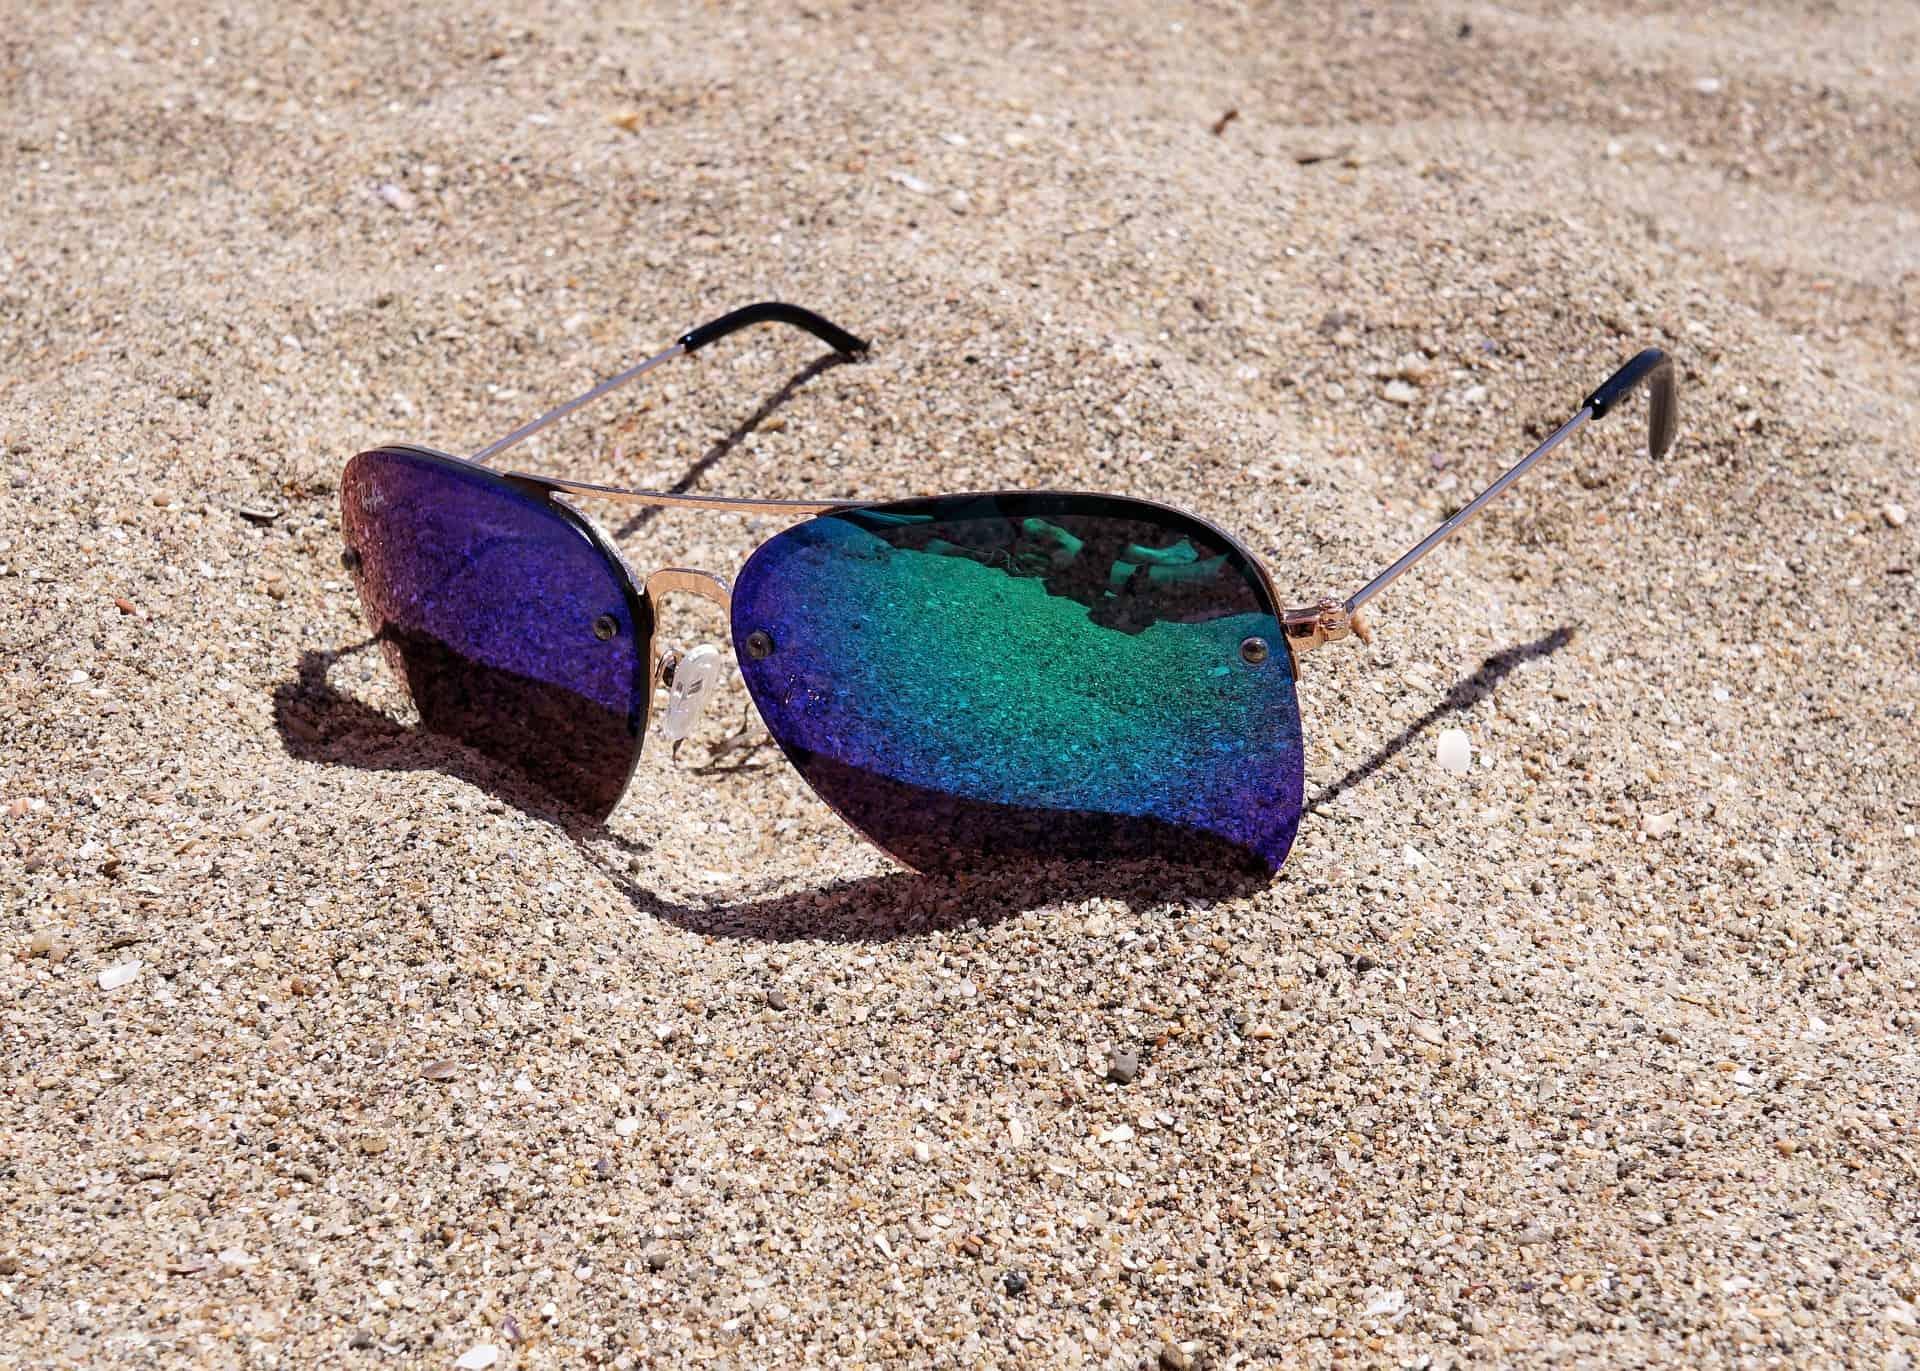 Imagem mostra um óculos de sol na areia refletindo a praia.